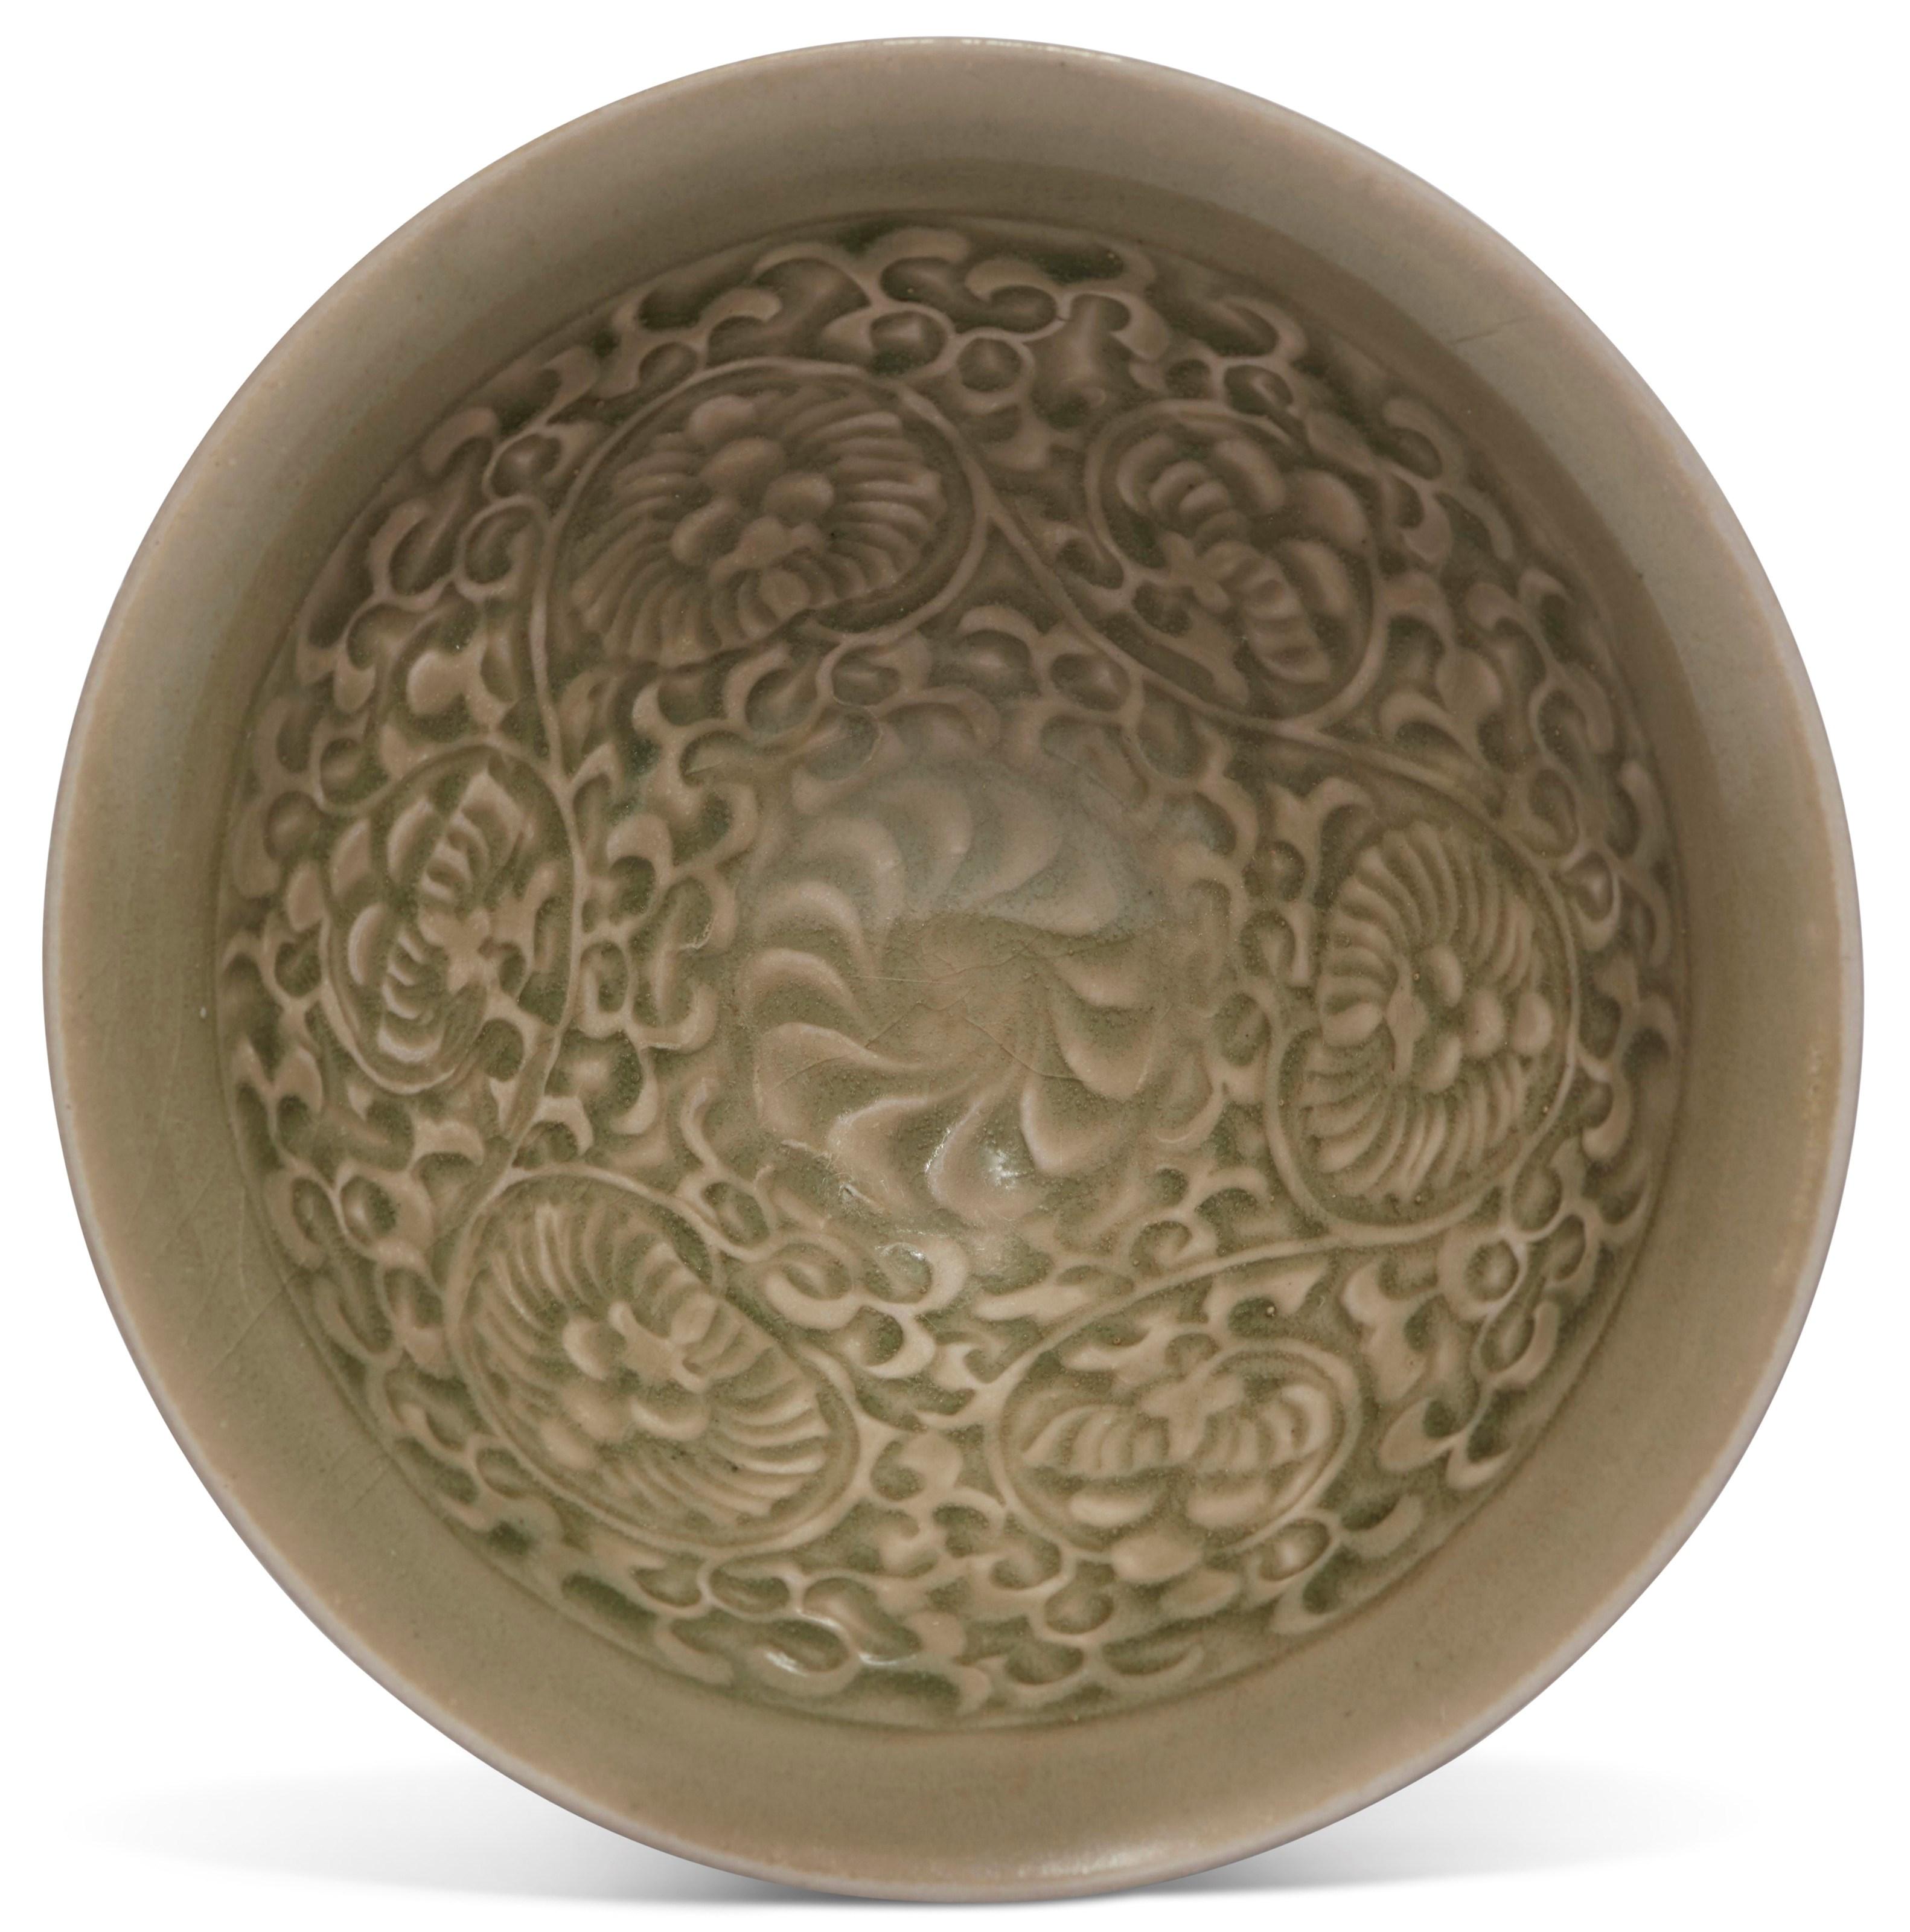 宋金 耀州青釉印花盌,直径5⅛ 吋 (13.1 公分)。估价:2,000-4,000美元。此拍品于2018年12月5至12日举行之中国艺术:纽约冬季网上拍卖中呈献。